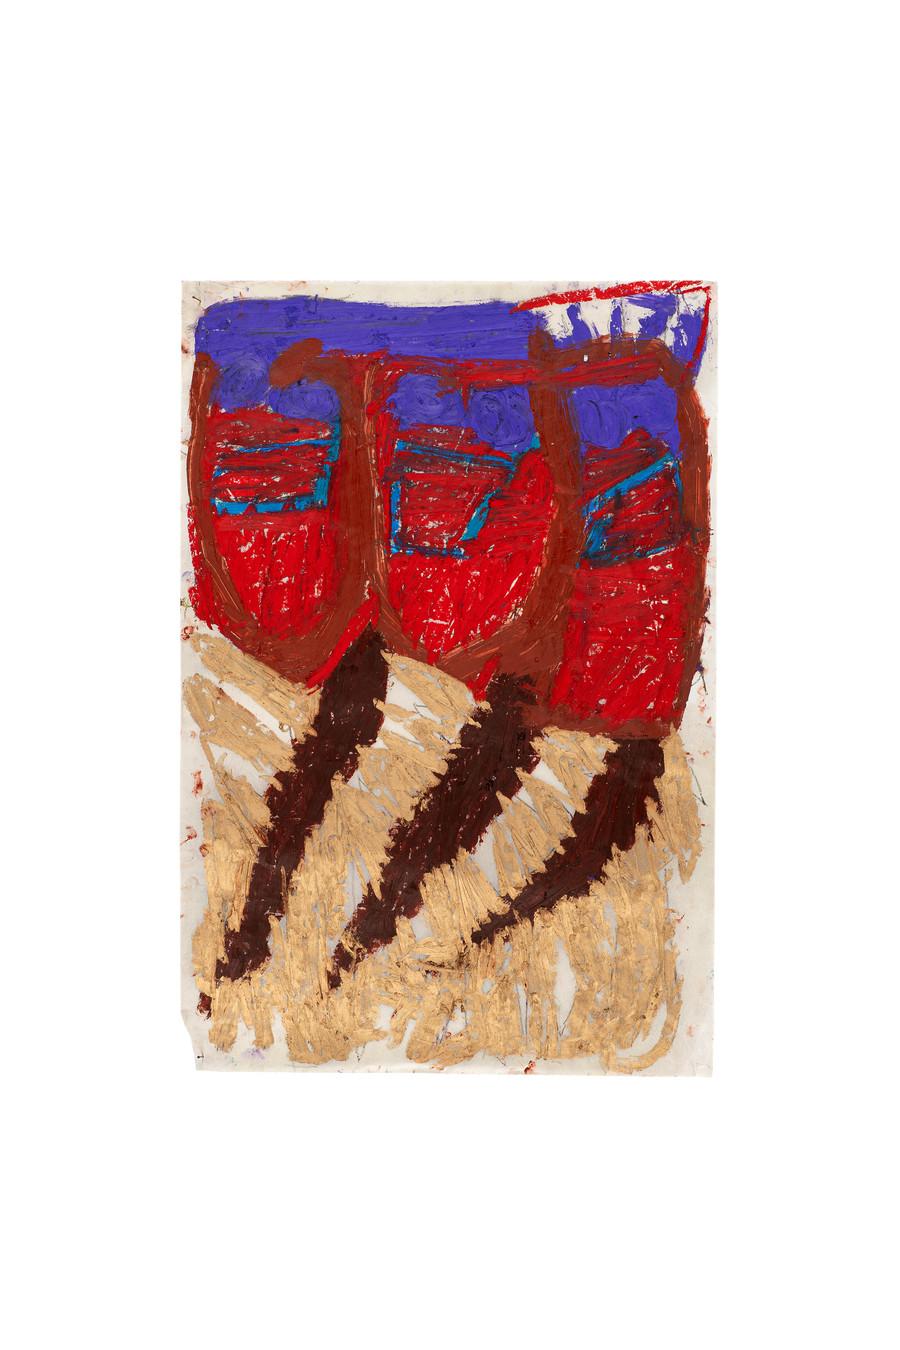 Vicente Saraiva, Esquadrão de Orfãos, 2020, Barra de óleo sob papel, 67,5x45,5cm